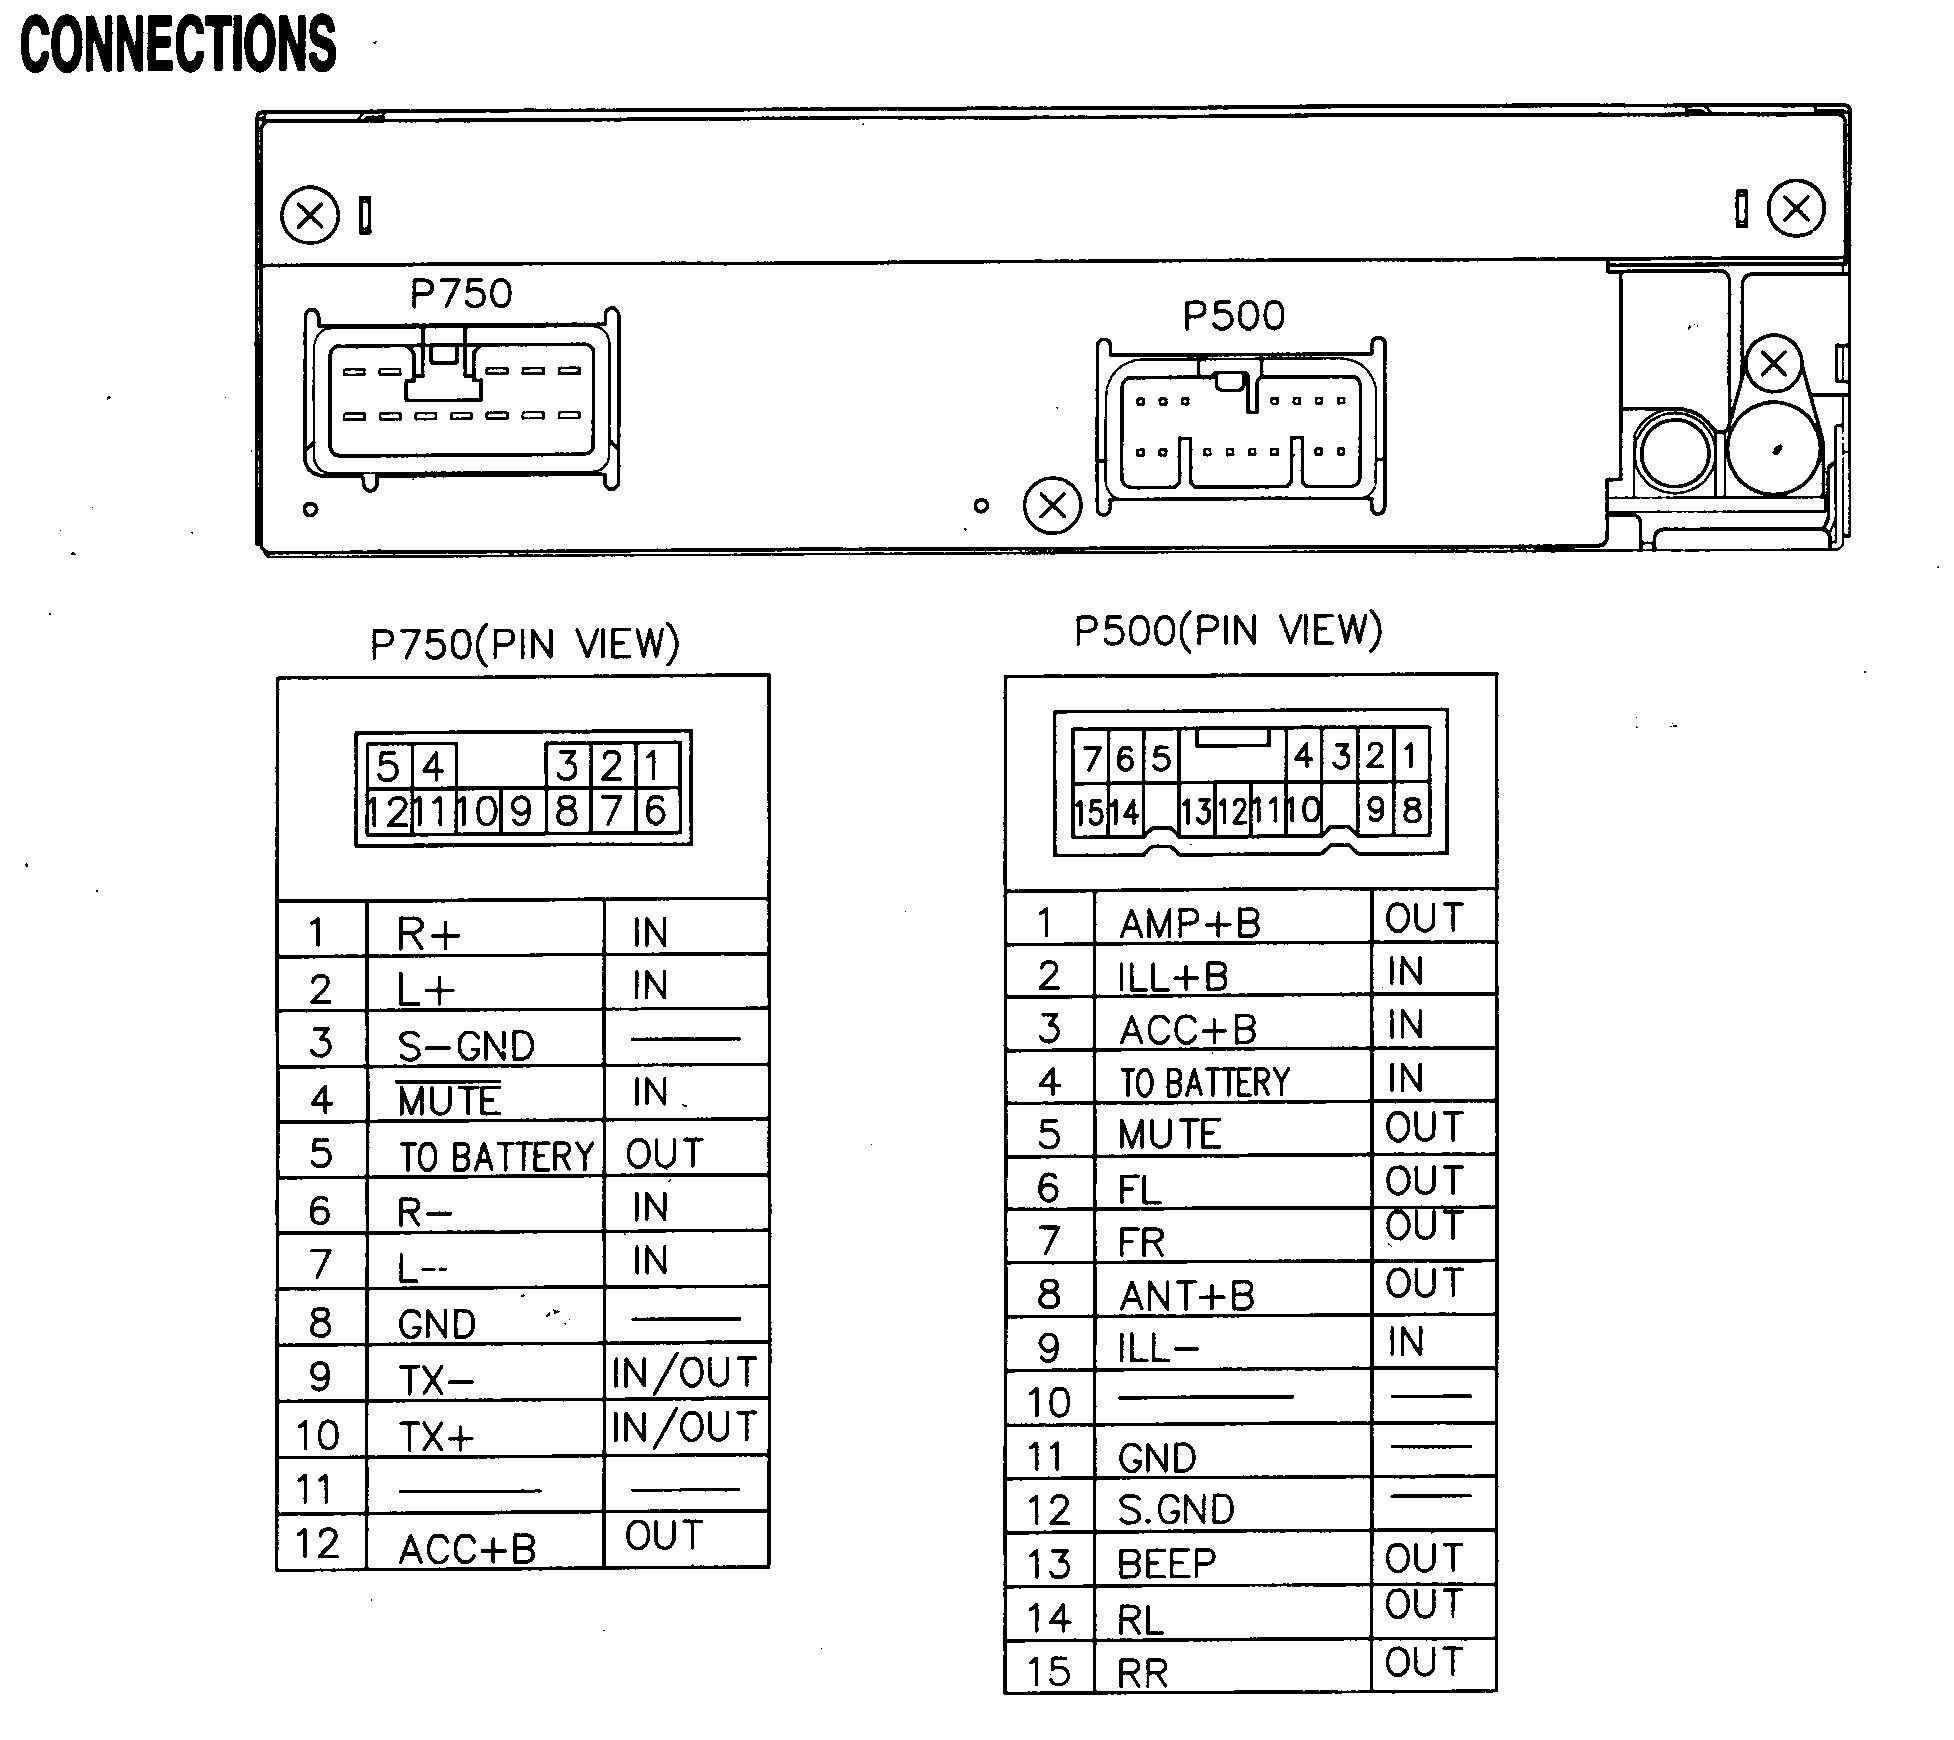 Wiring Diagram for 1986 Club Car Unique Wiring Diagram for A Car Stereo Of Wiring Diagram for 1986 Club Car